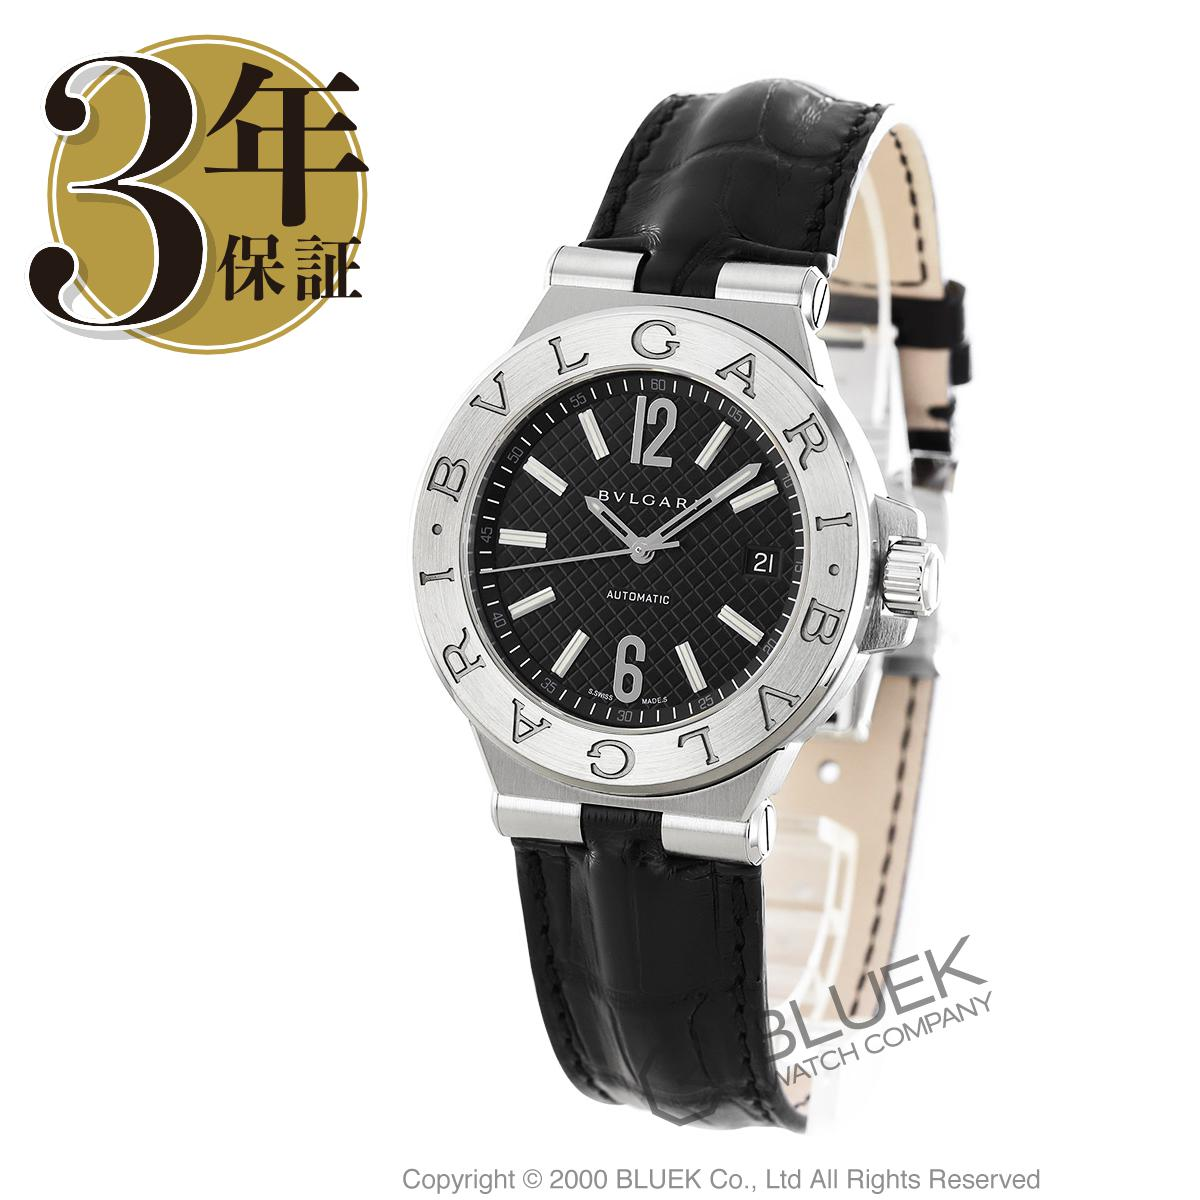 【6,000円OFFクーポン対象】ブルガリ ディアゴノ アリゲーターレザー 腕時計 メンズ BVLGARI DG40BSLD_8